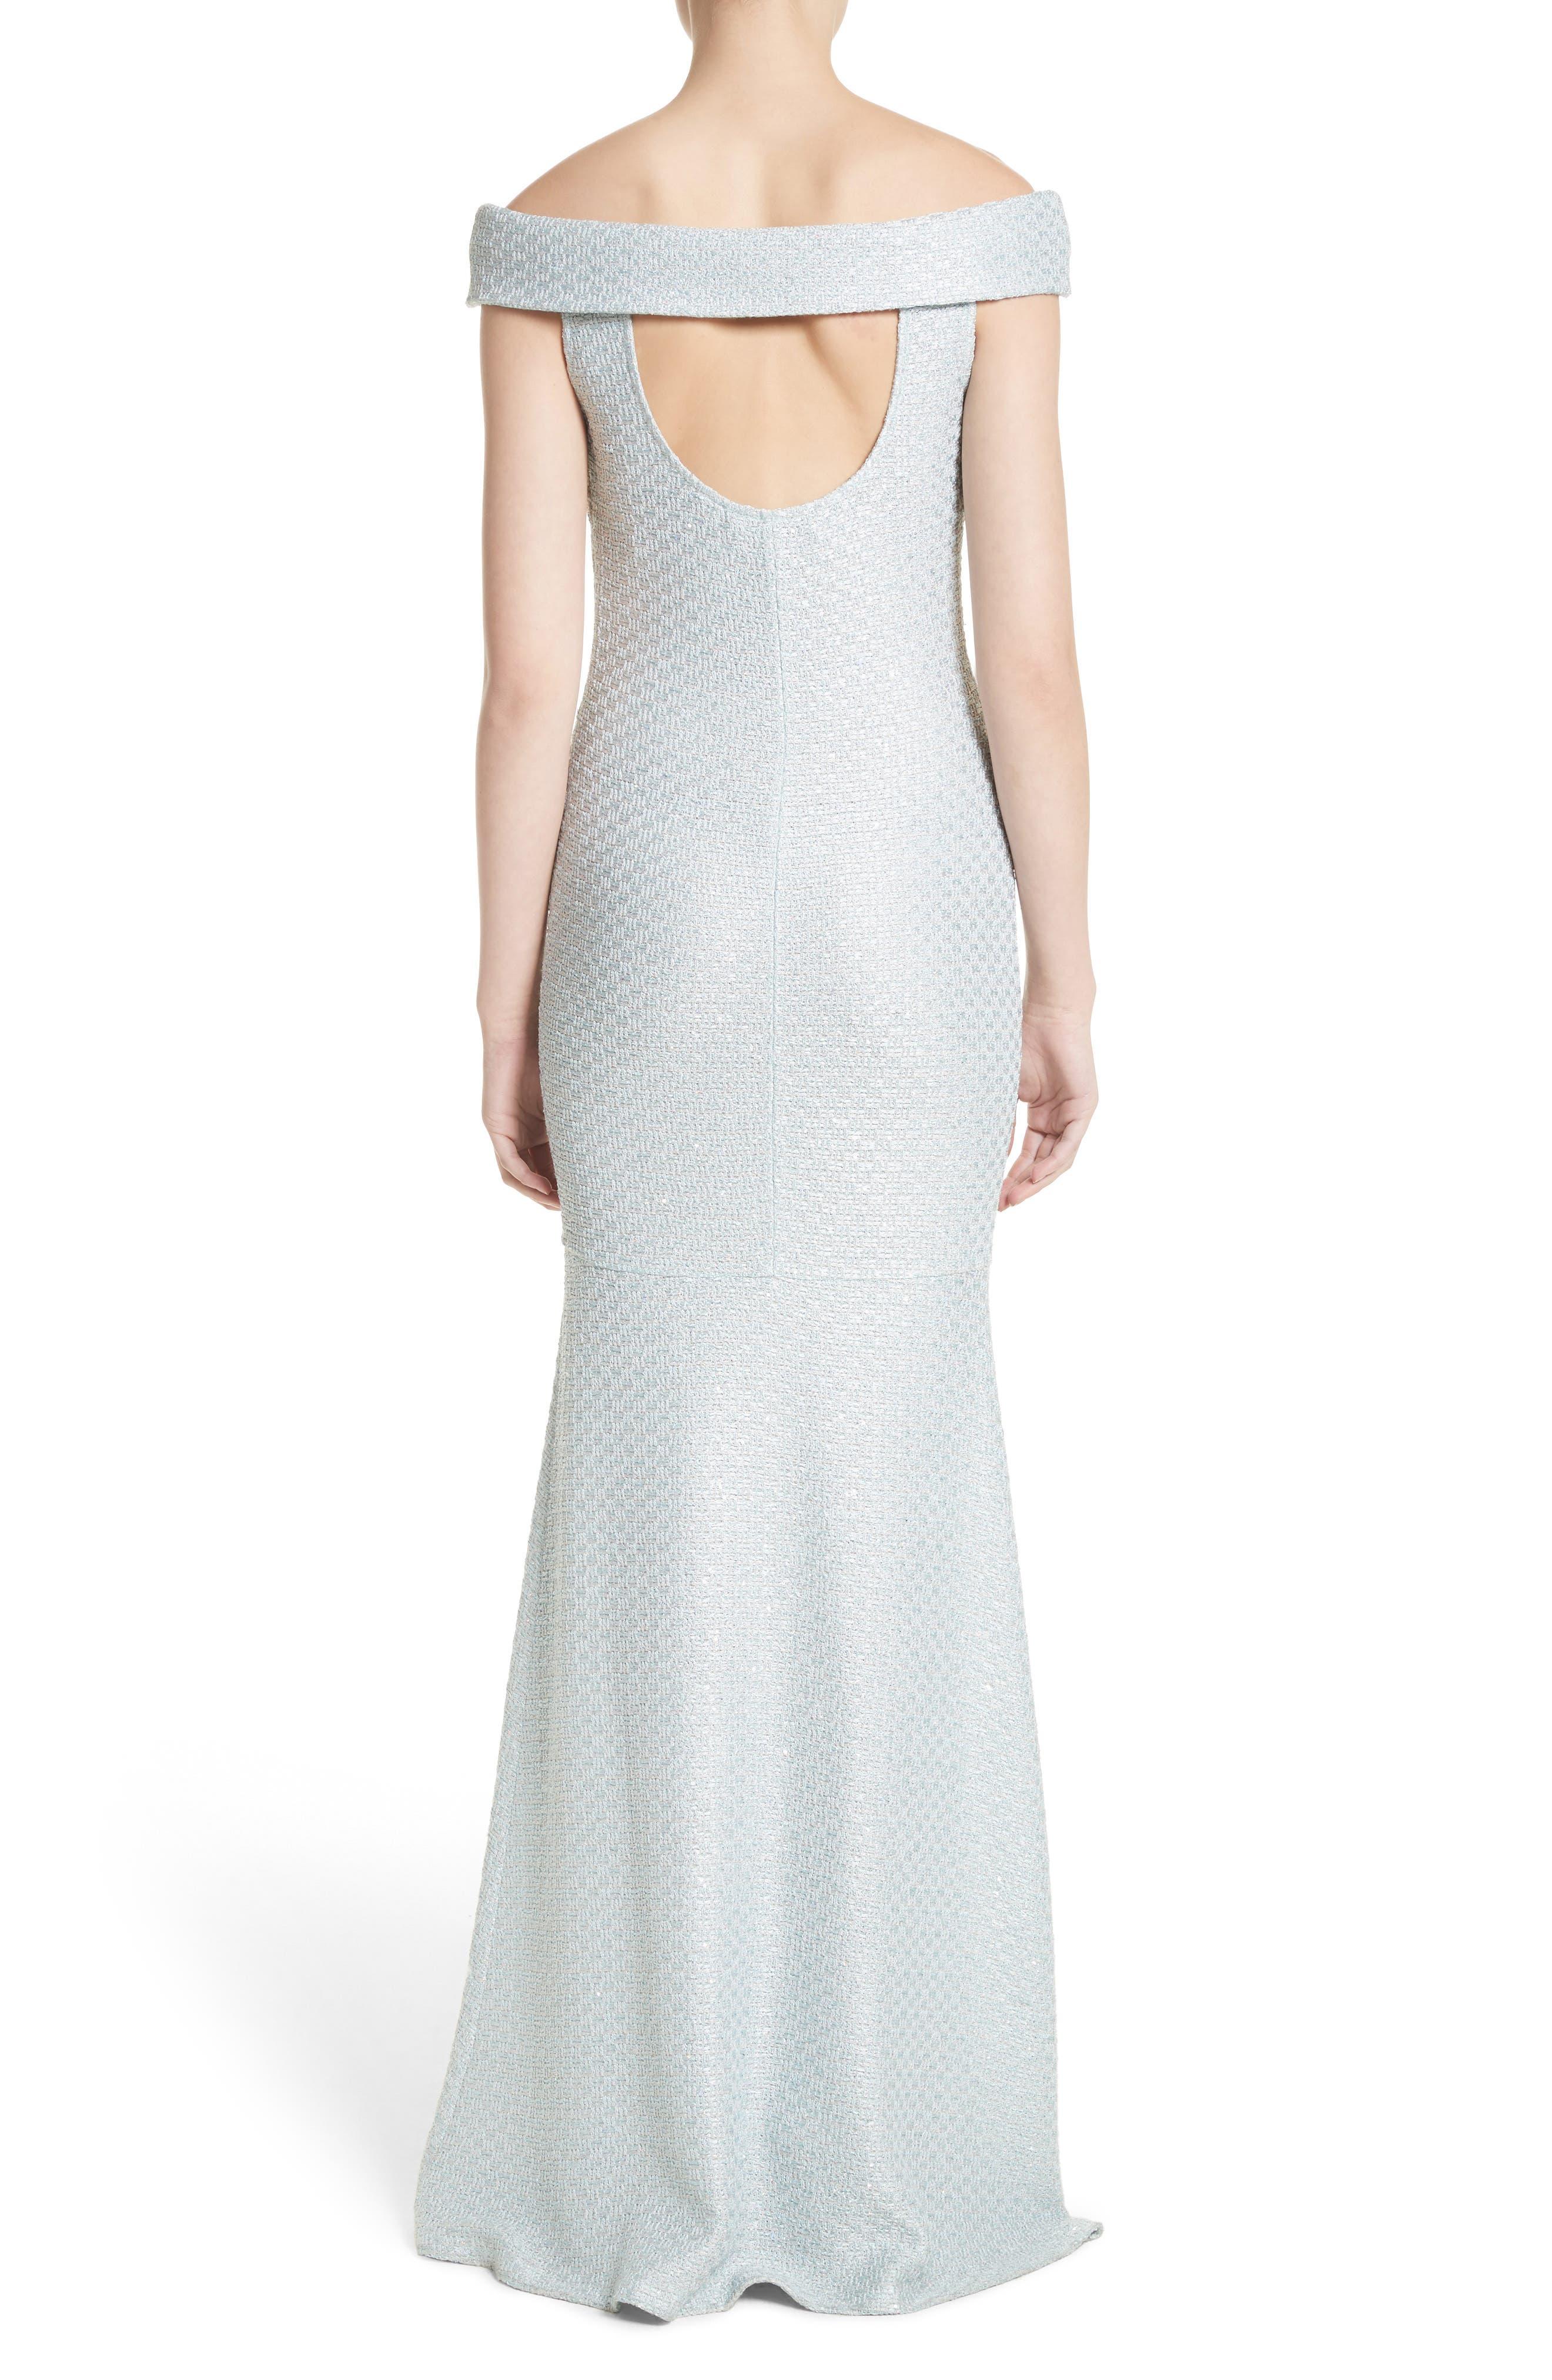 Hansh Sequin Knit Off the Shoulder Gown,                             Alternate thumbnail 2, color,                             MINT